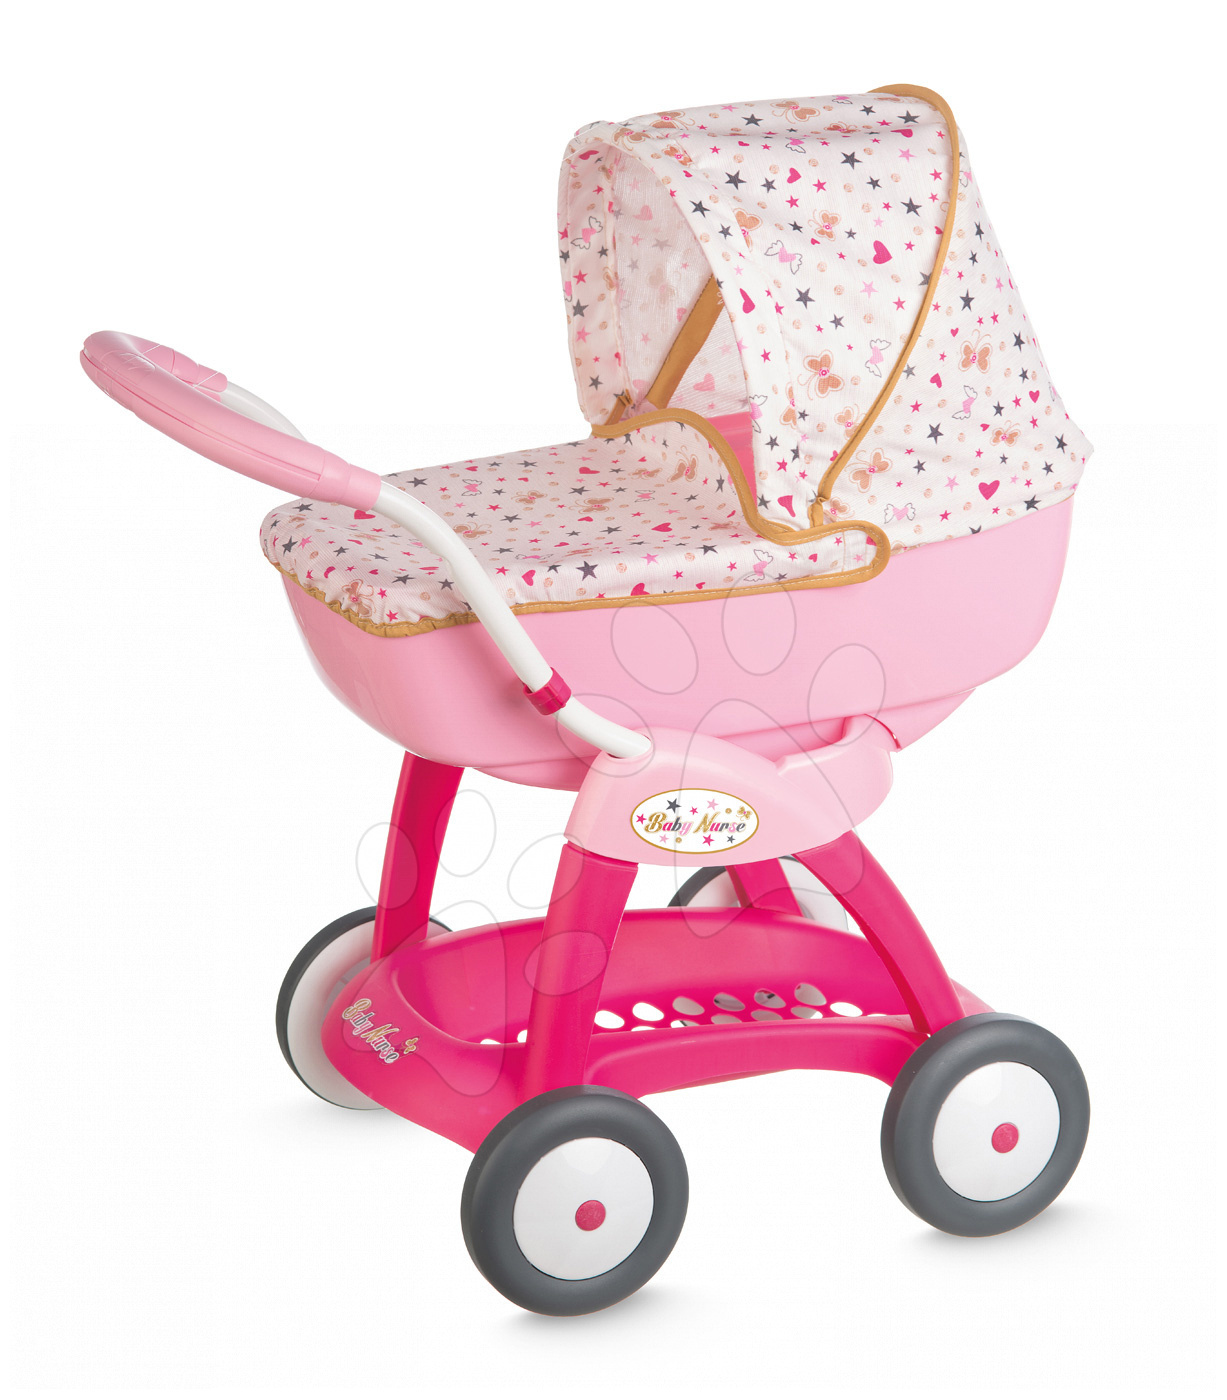 Smoby hlboký kočiarik pre bábiku Baby Nurse 251123 ružový